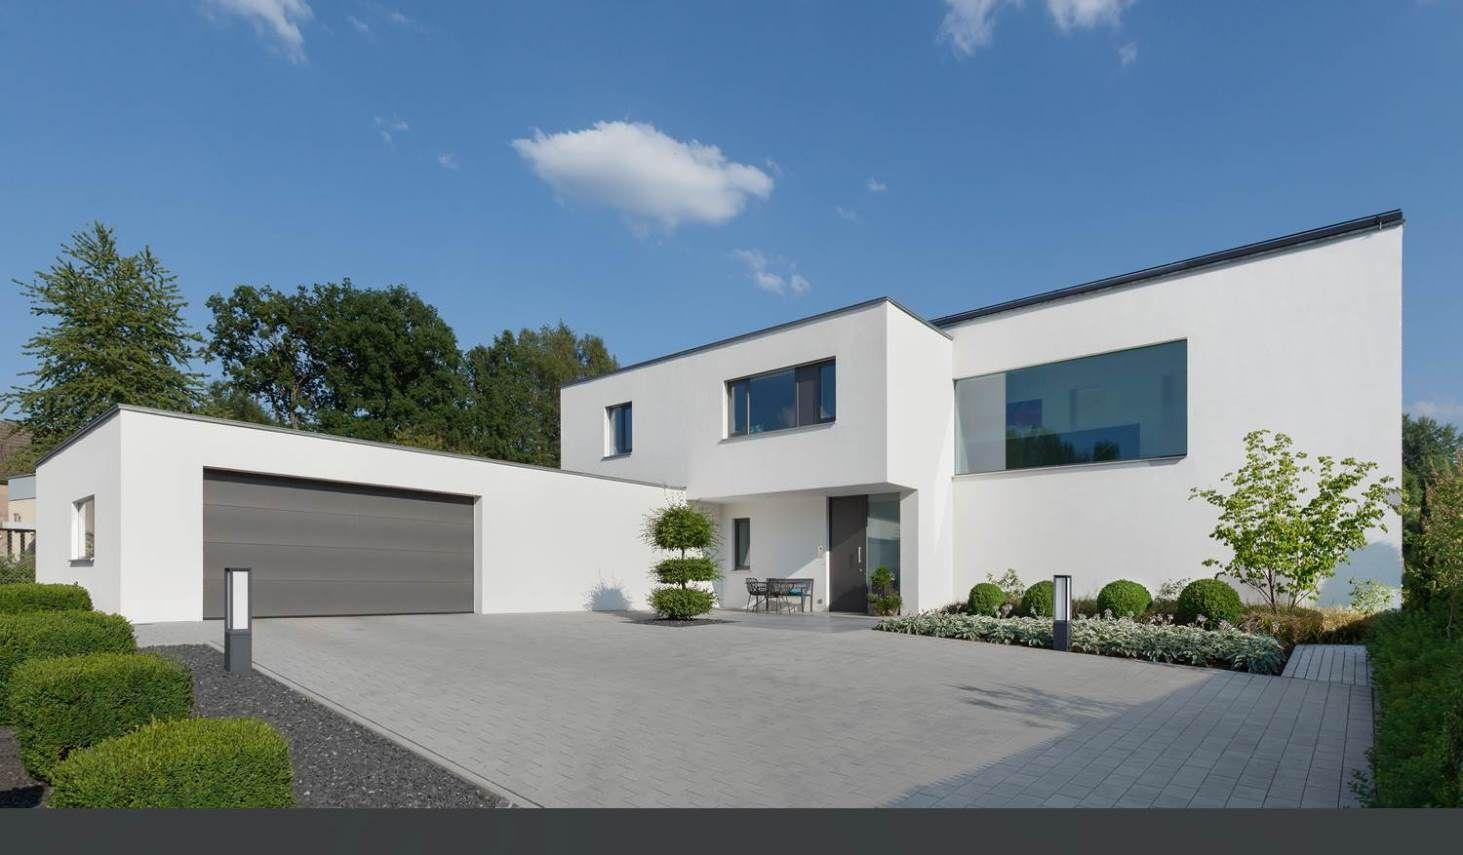 Neubau wh i oberpfalz 2012 bauen h user grundrisse for Minimalistisches haus grundriss